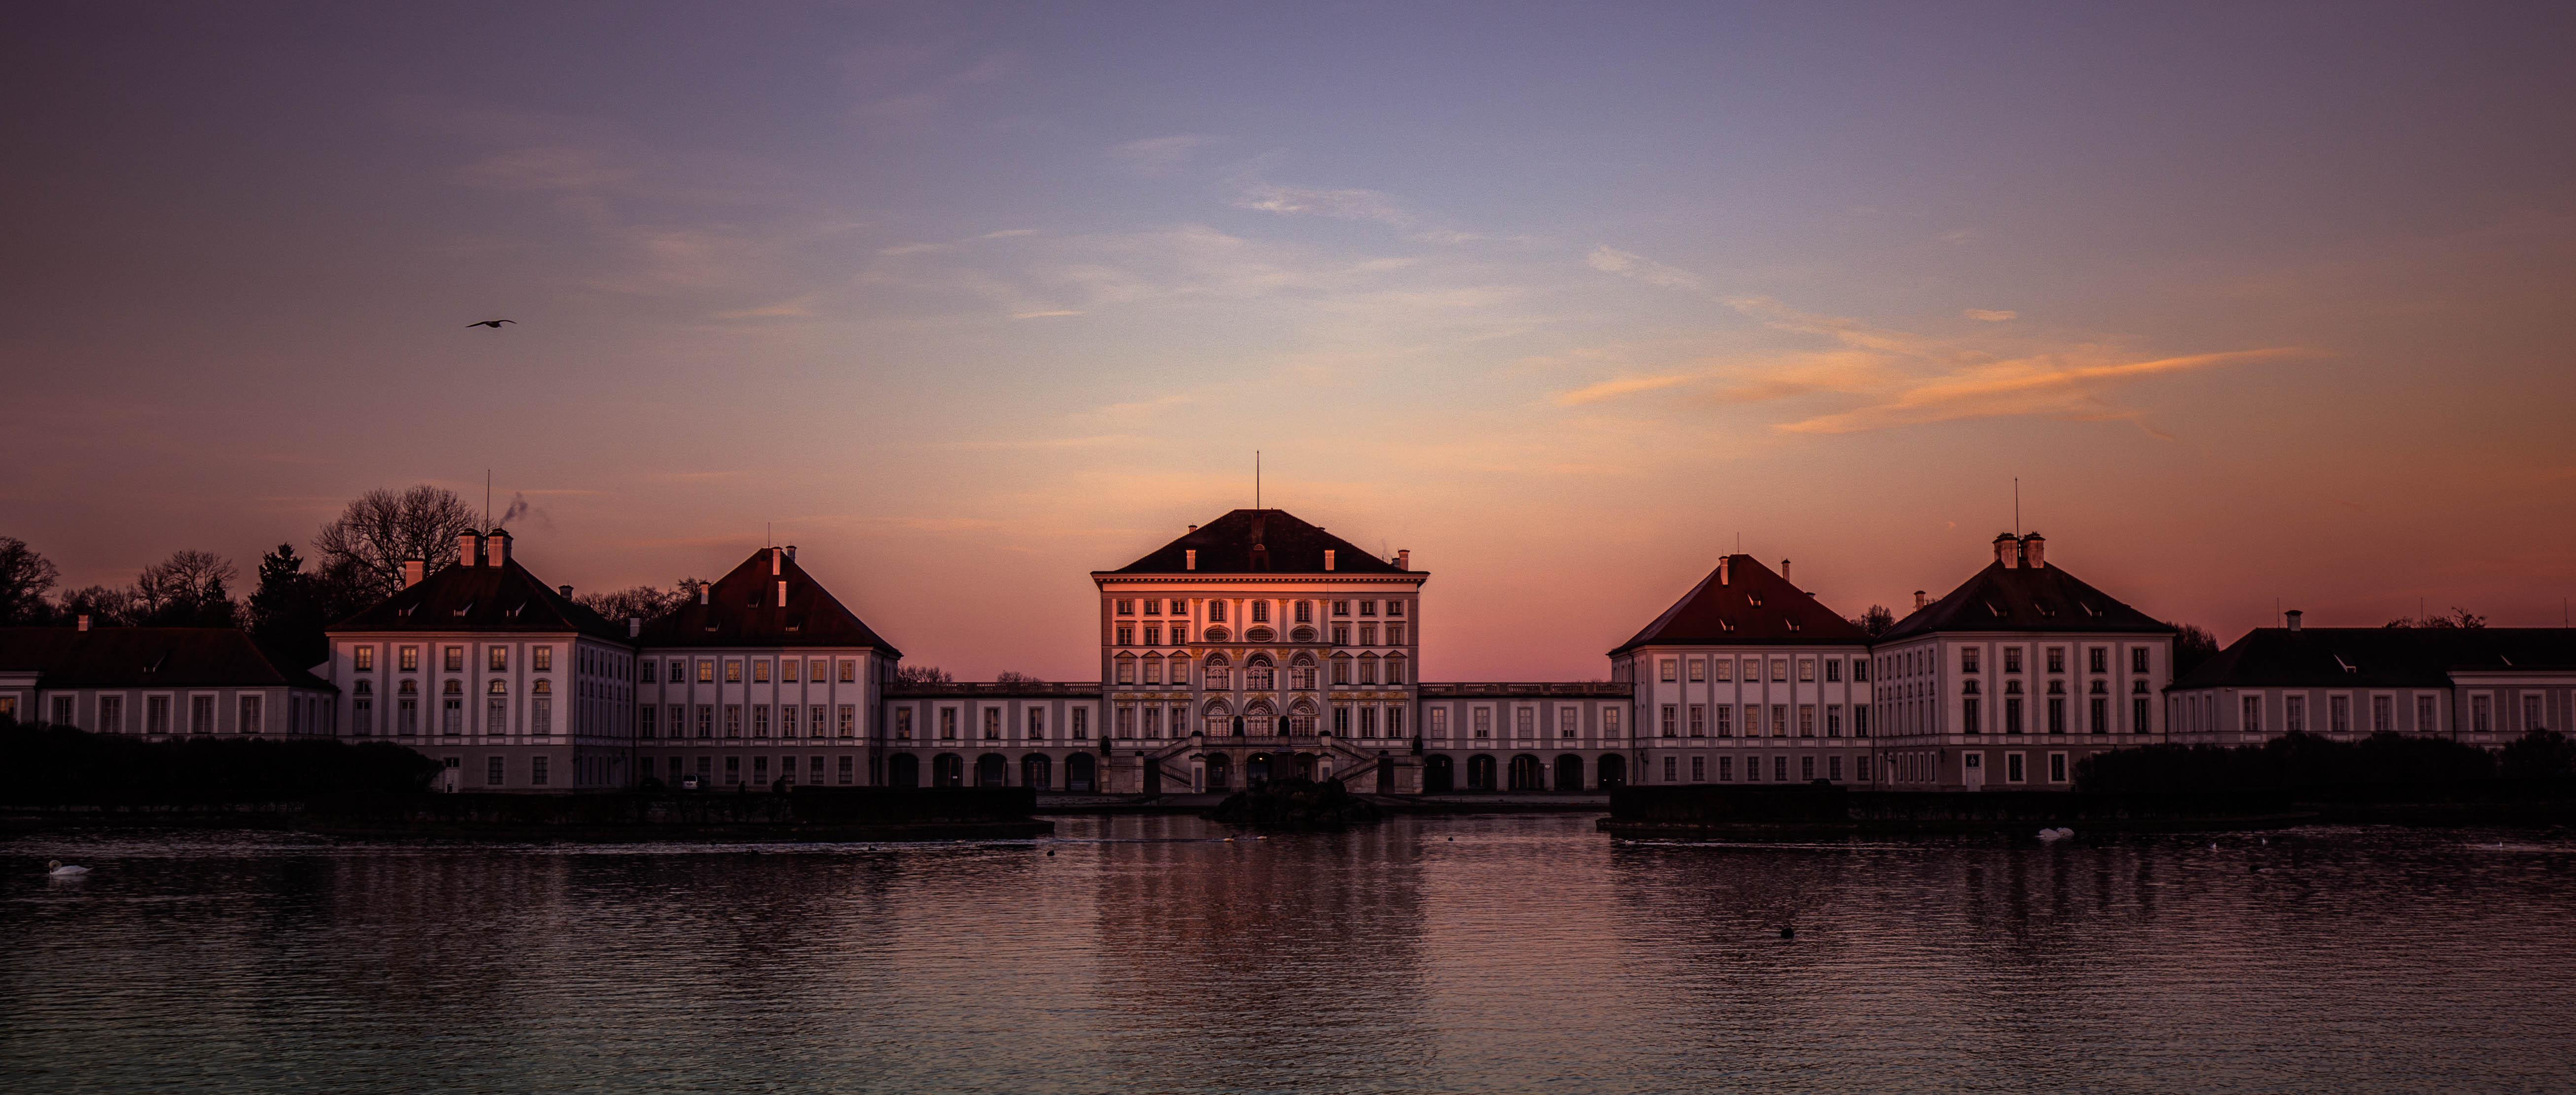 Morgenlicht am Schloss